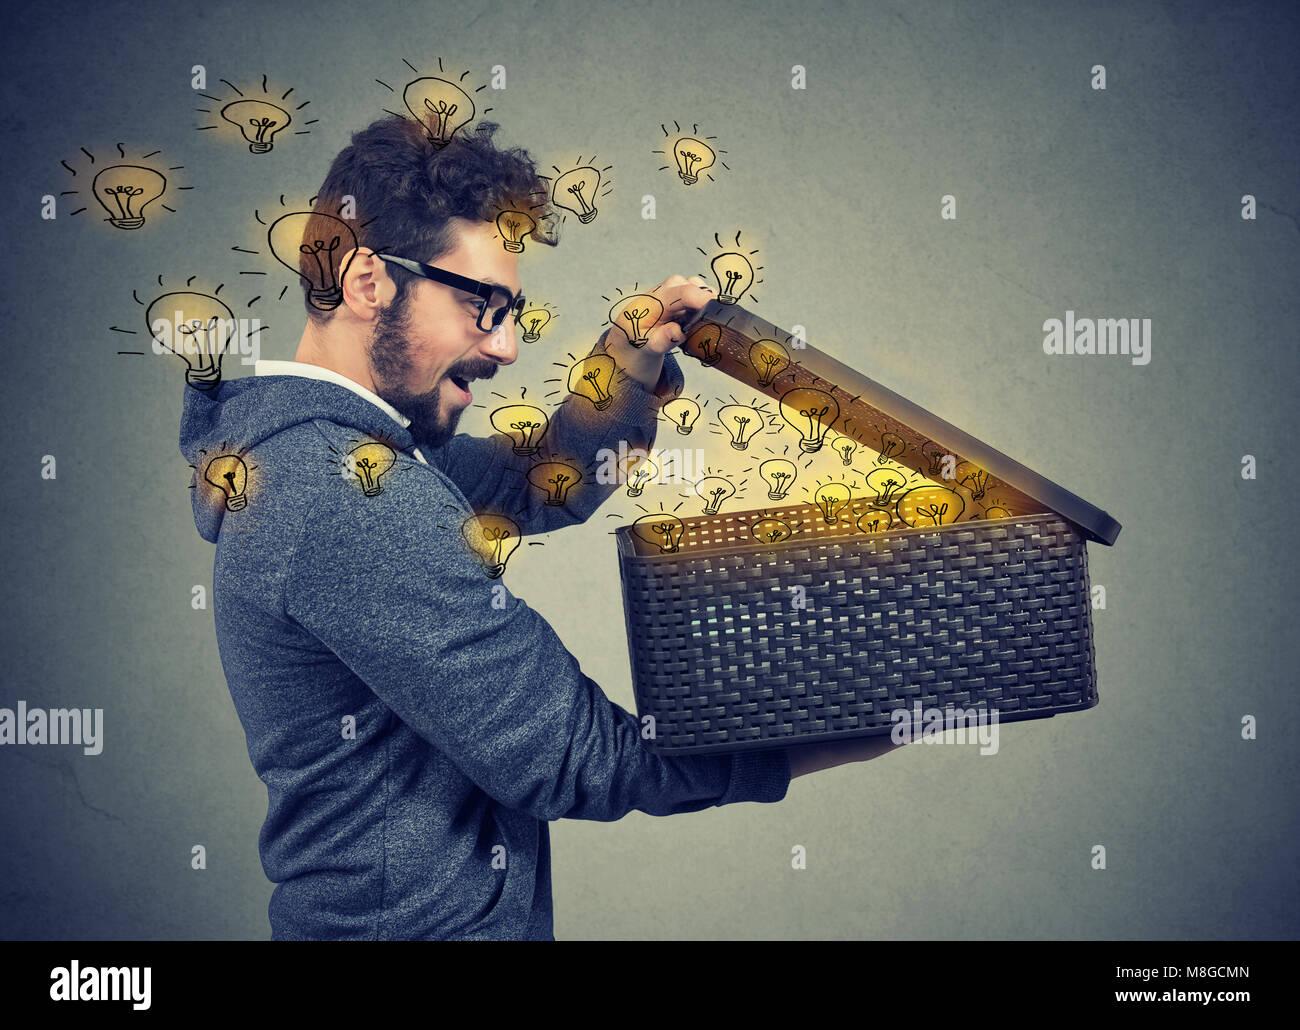 Heureux l'homme surpris de l'ouverture d'une boîte avec de nombreuses ampoules lumineuses flying Photo Stock